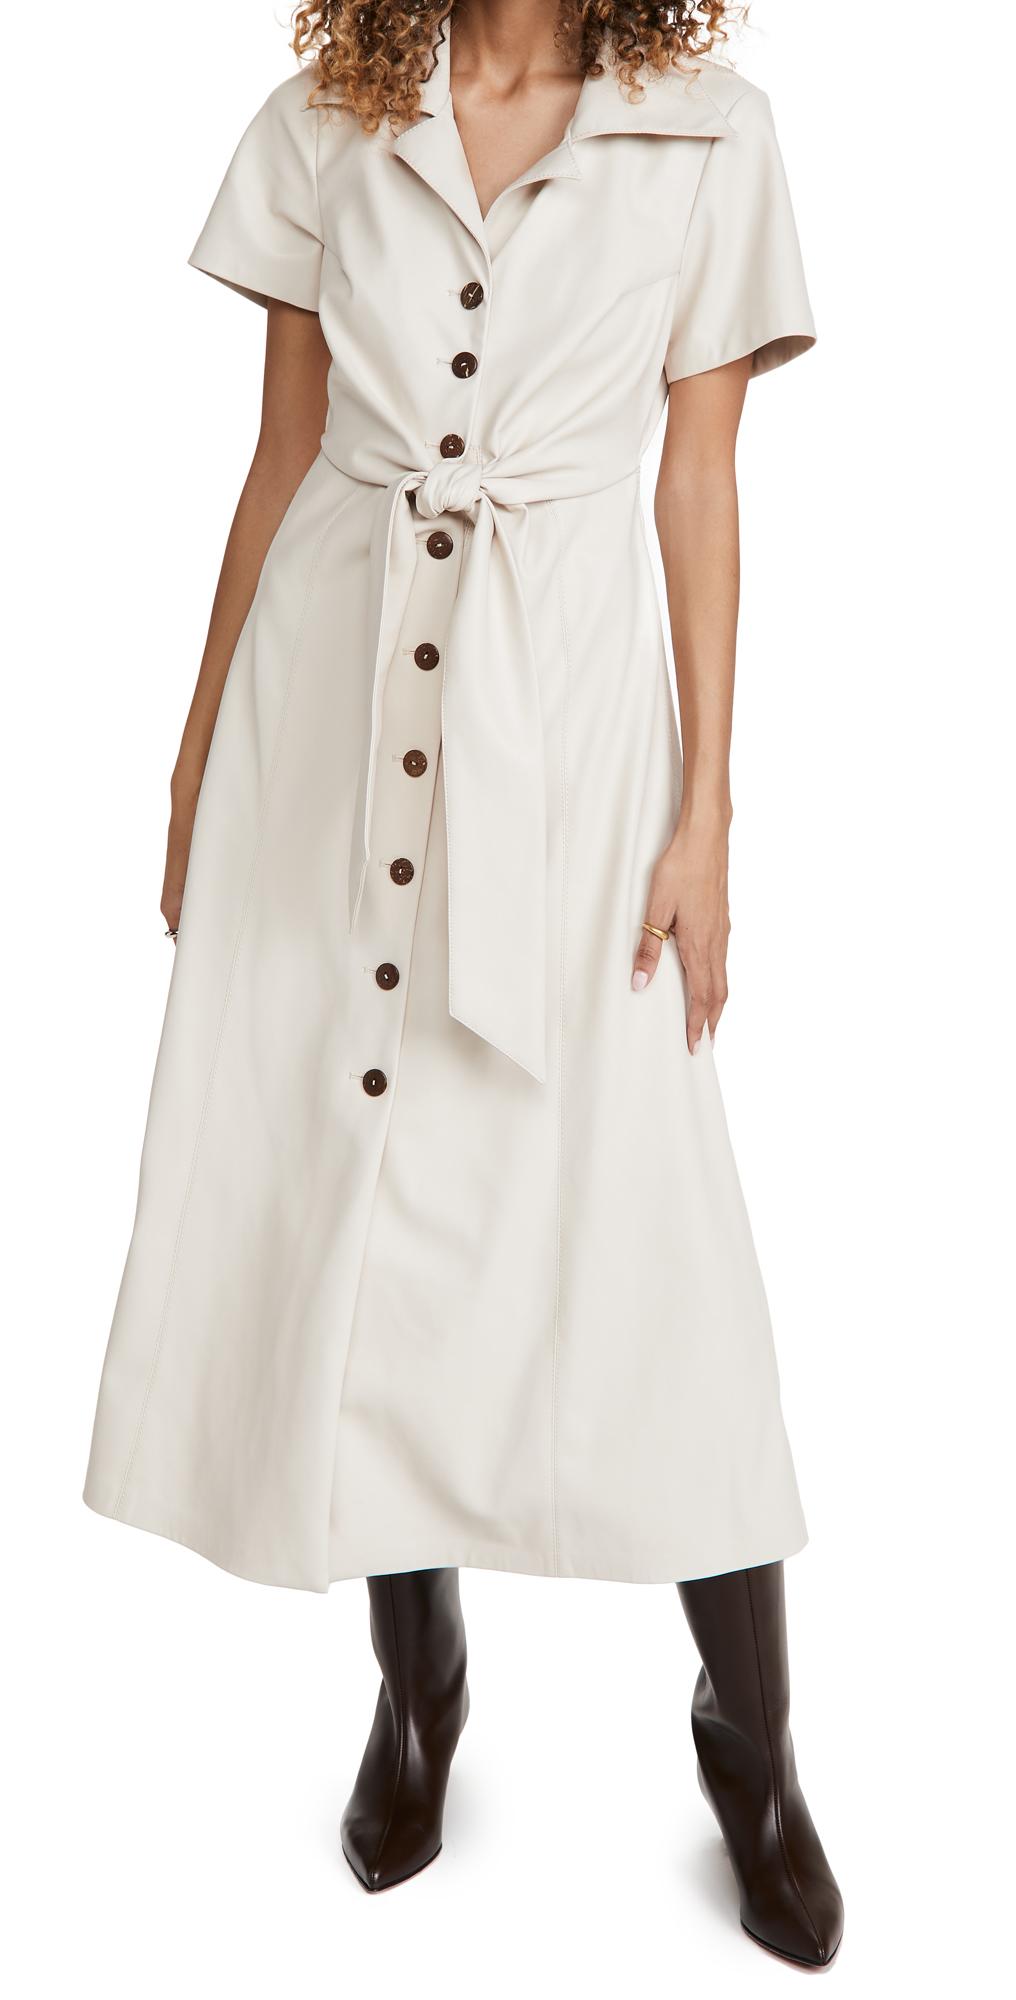 Alexis Jeanie Faux Leather Dress